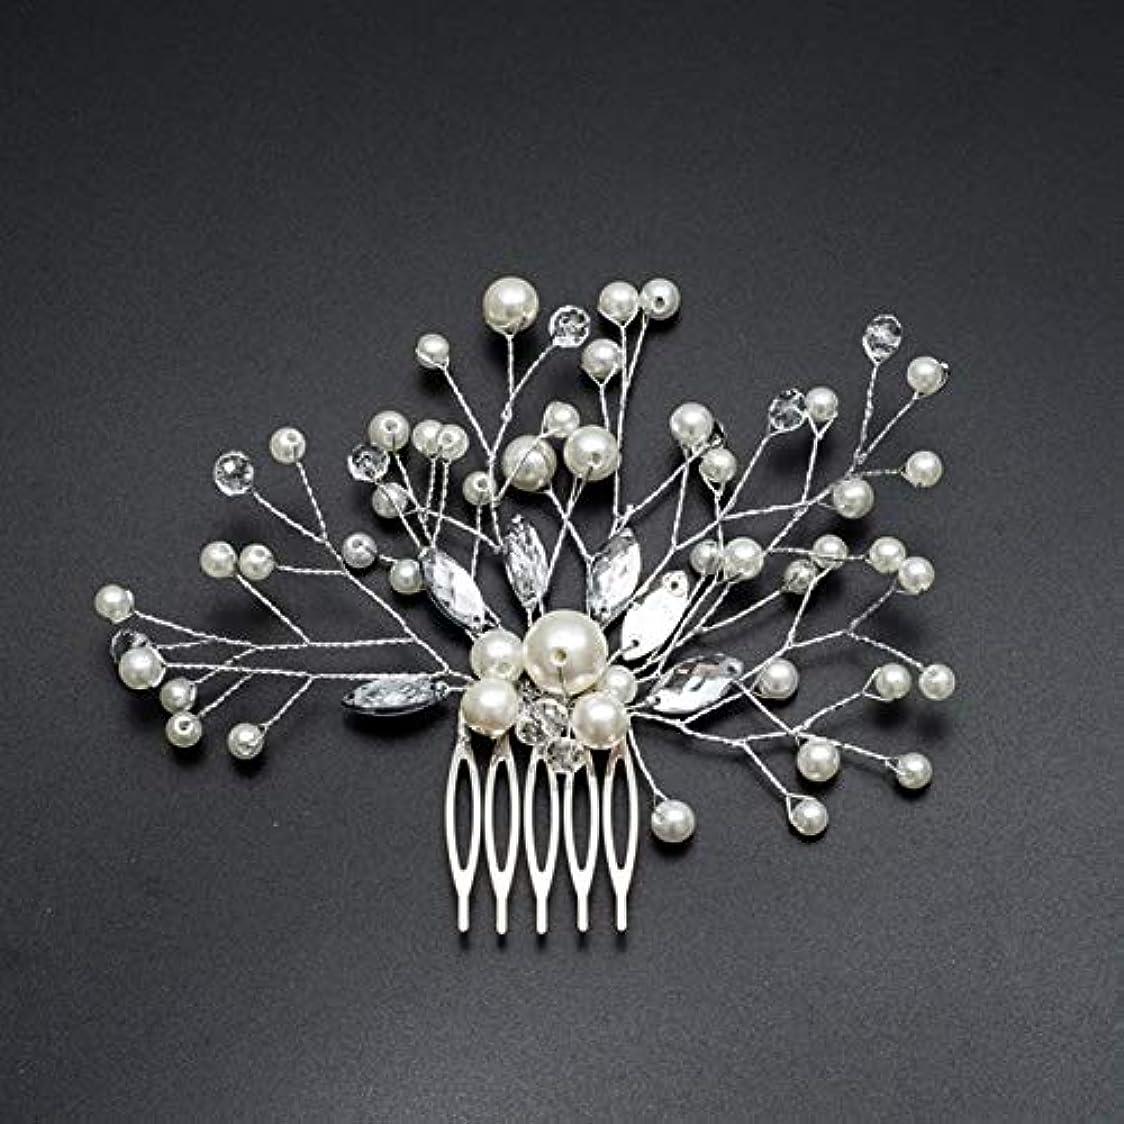 程度白菜マニュアルHairpinheair YHMパール女性のヘアコーム結婚式のヘアアクセサリーヘアピンラインストーンティアラブライダルクリップクリスタルクラウン花嫁の髪の宝石類(シルバー) (色 : Silver)